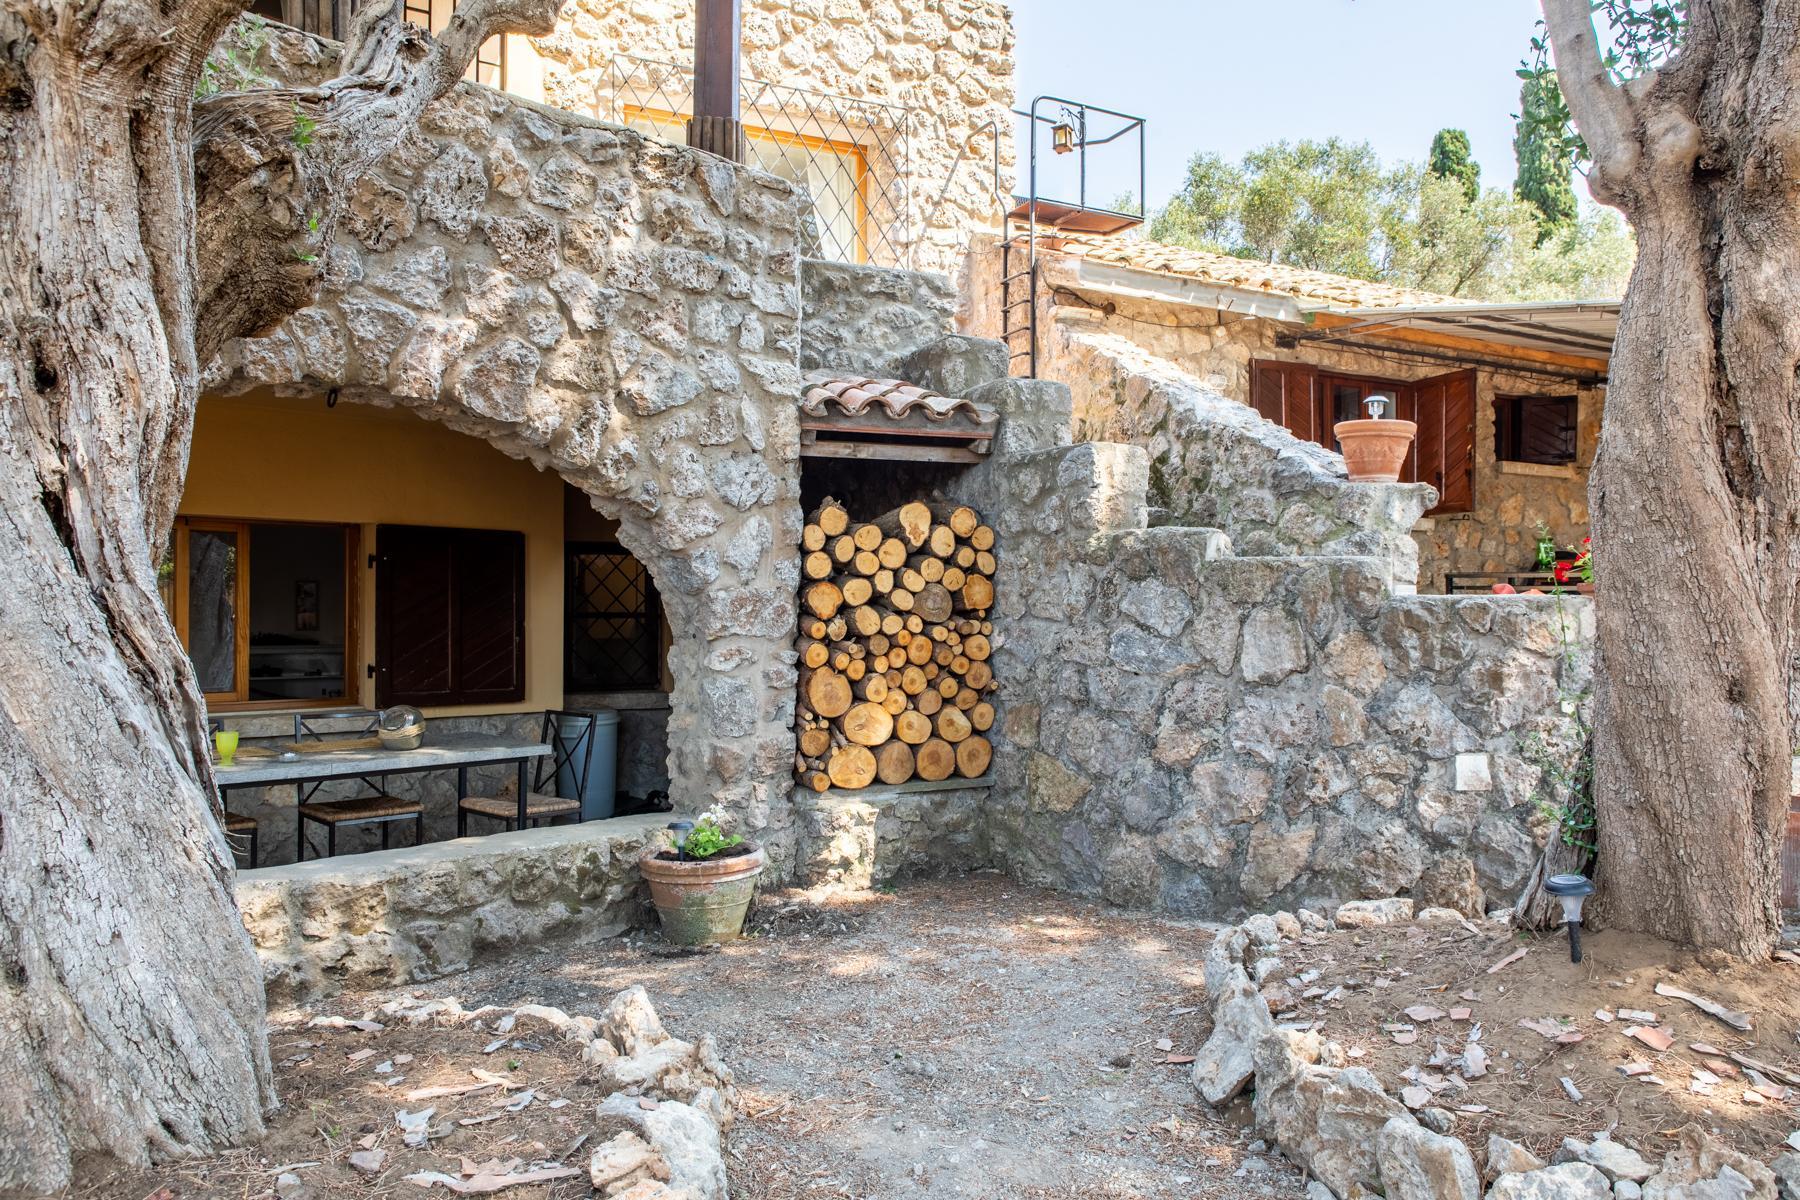 Wundeschöne Villa aus Stein in einzigartiger Umgebung - 6